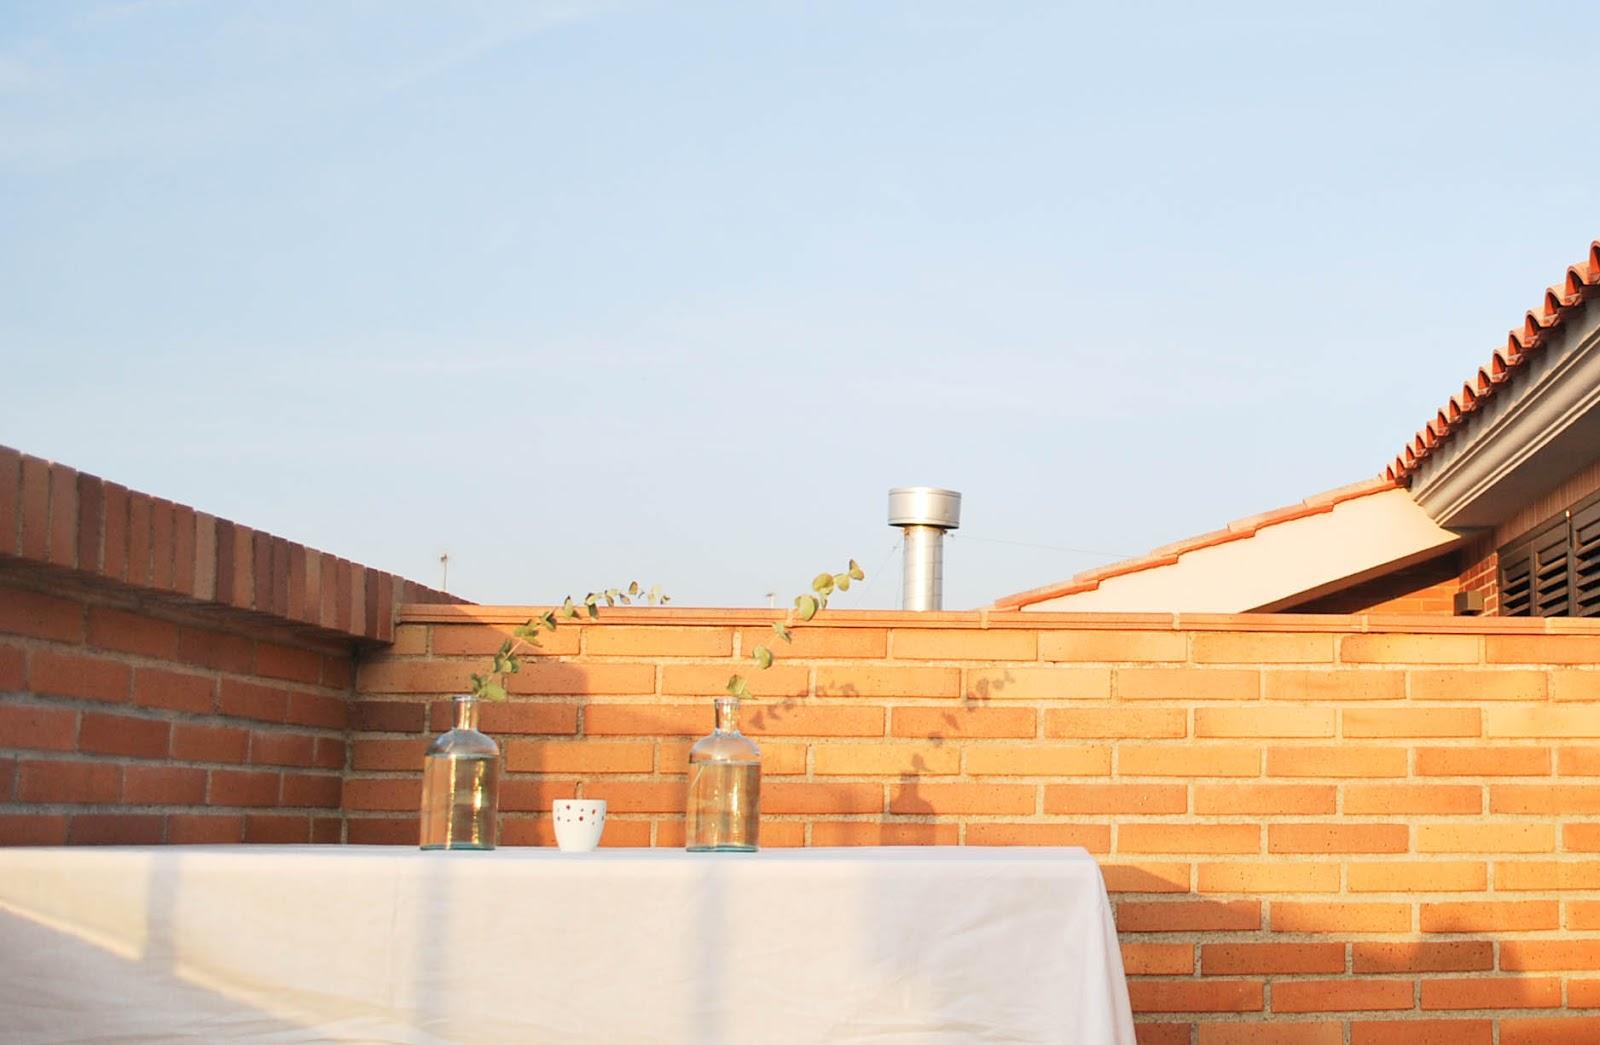 http://www.hommum.com/2014/06/my-home-la-terraza-de-mis-suenos-ii.html #outdoors #decoraciónterraza #scandinavianstyle